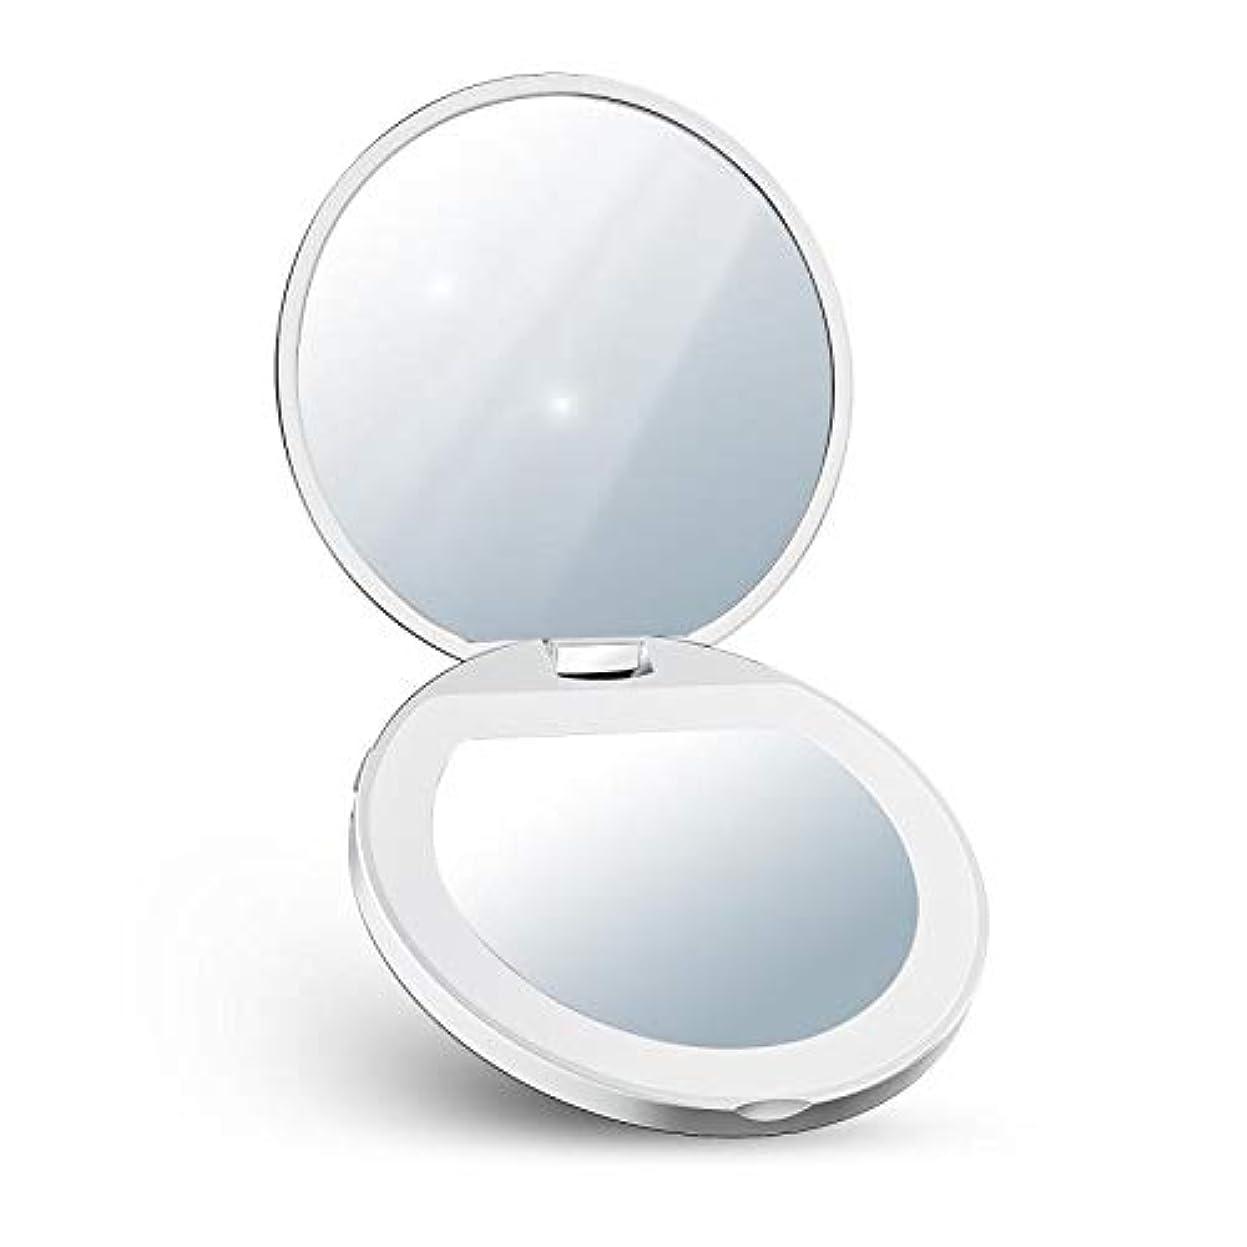 休戦労働者トリクルLED化粧鏡 ミラー 折りたたみ式 手鏡  コンパクト  おしゃれ 外出 旅行用 持ち運び便利 化粧ミラー 2倍拡大鏡付き 両面コンパクト鏡  LEDライト付き 明るさ調節可能 (ホワイト)